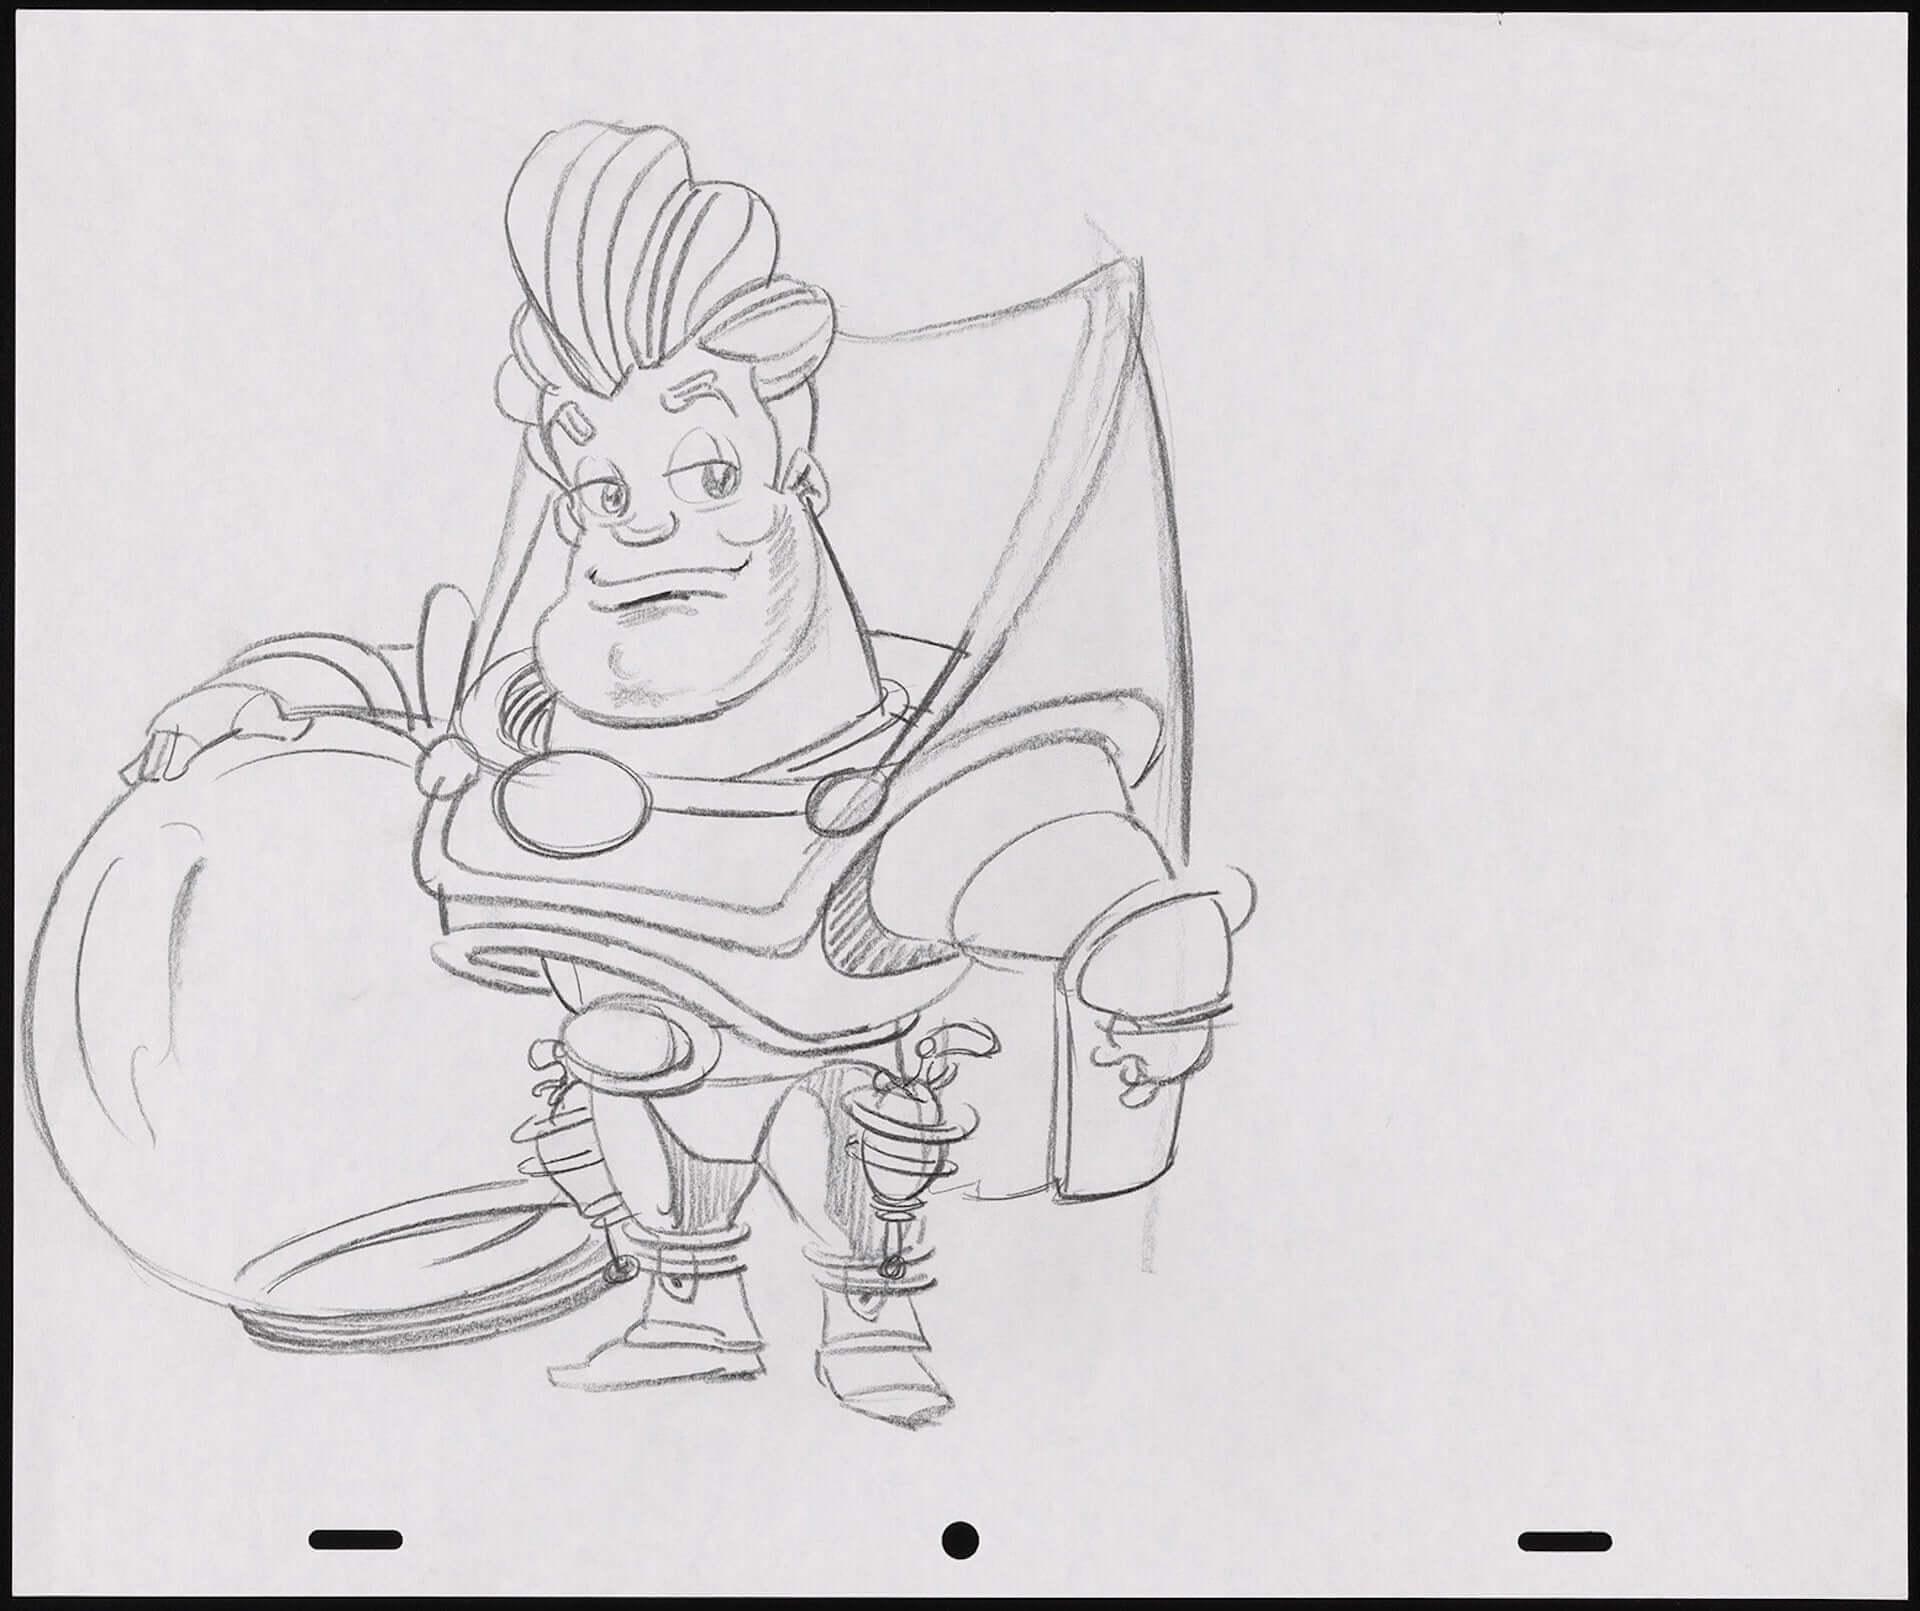 『トイ・ストーリー』25周年記念!ピクサー作品をテーマにしたコンテンツが多数展開&バズ・ライトイヤー初期スケッチも日本初公開 art201008_disney-pixar_6-1920x1611